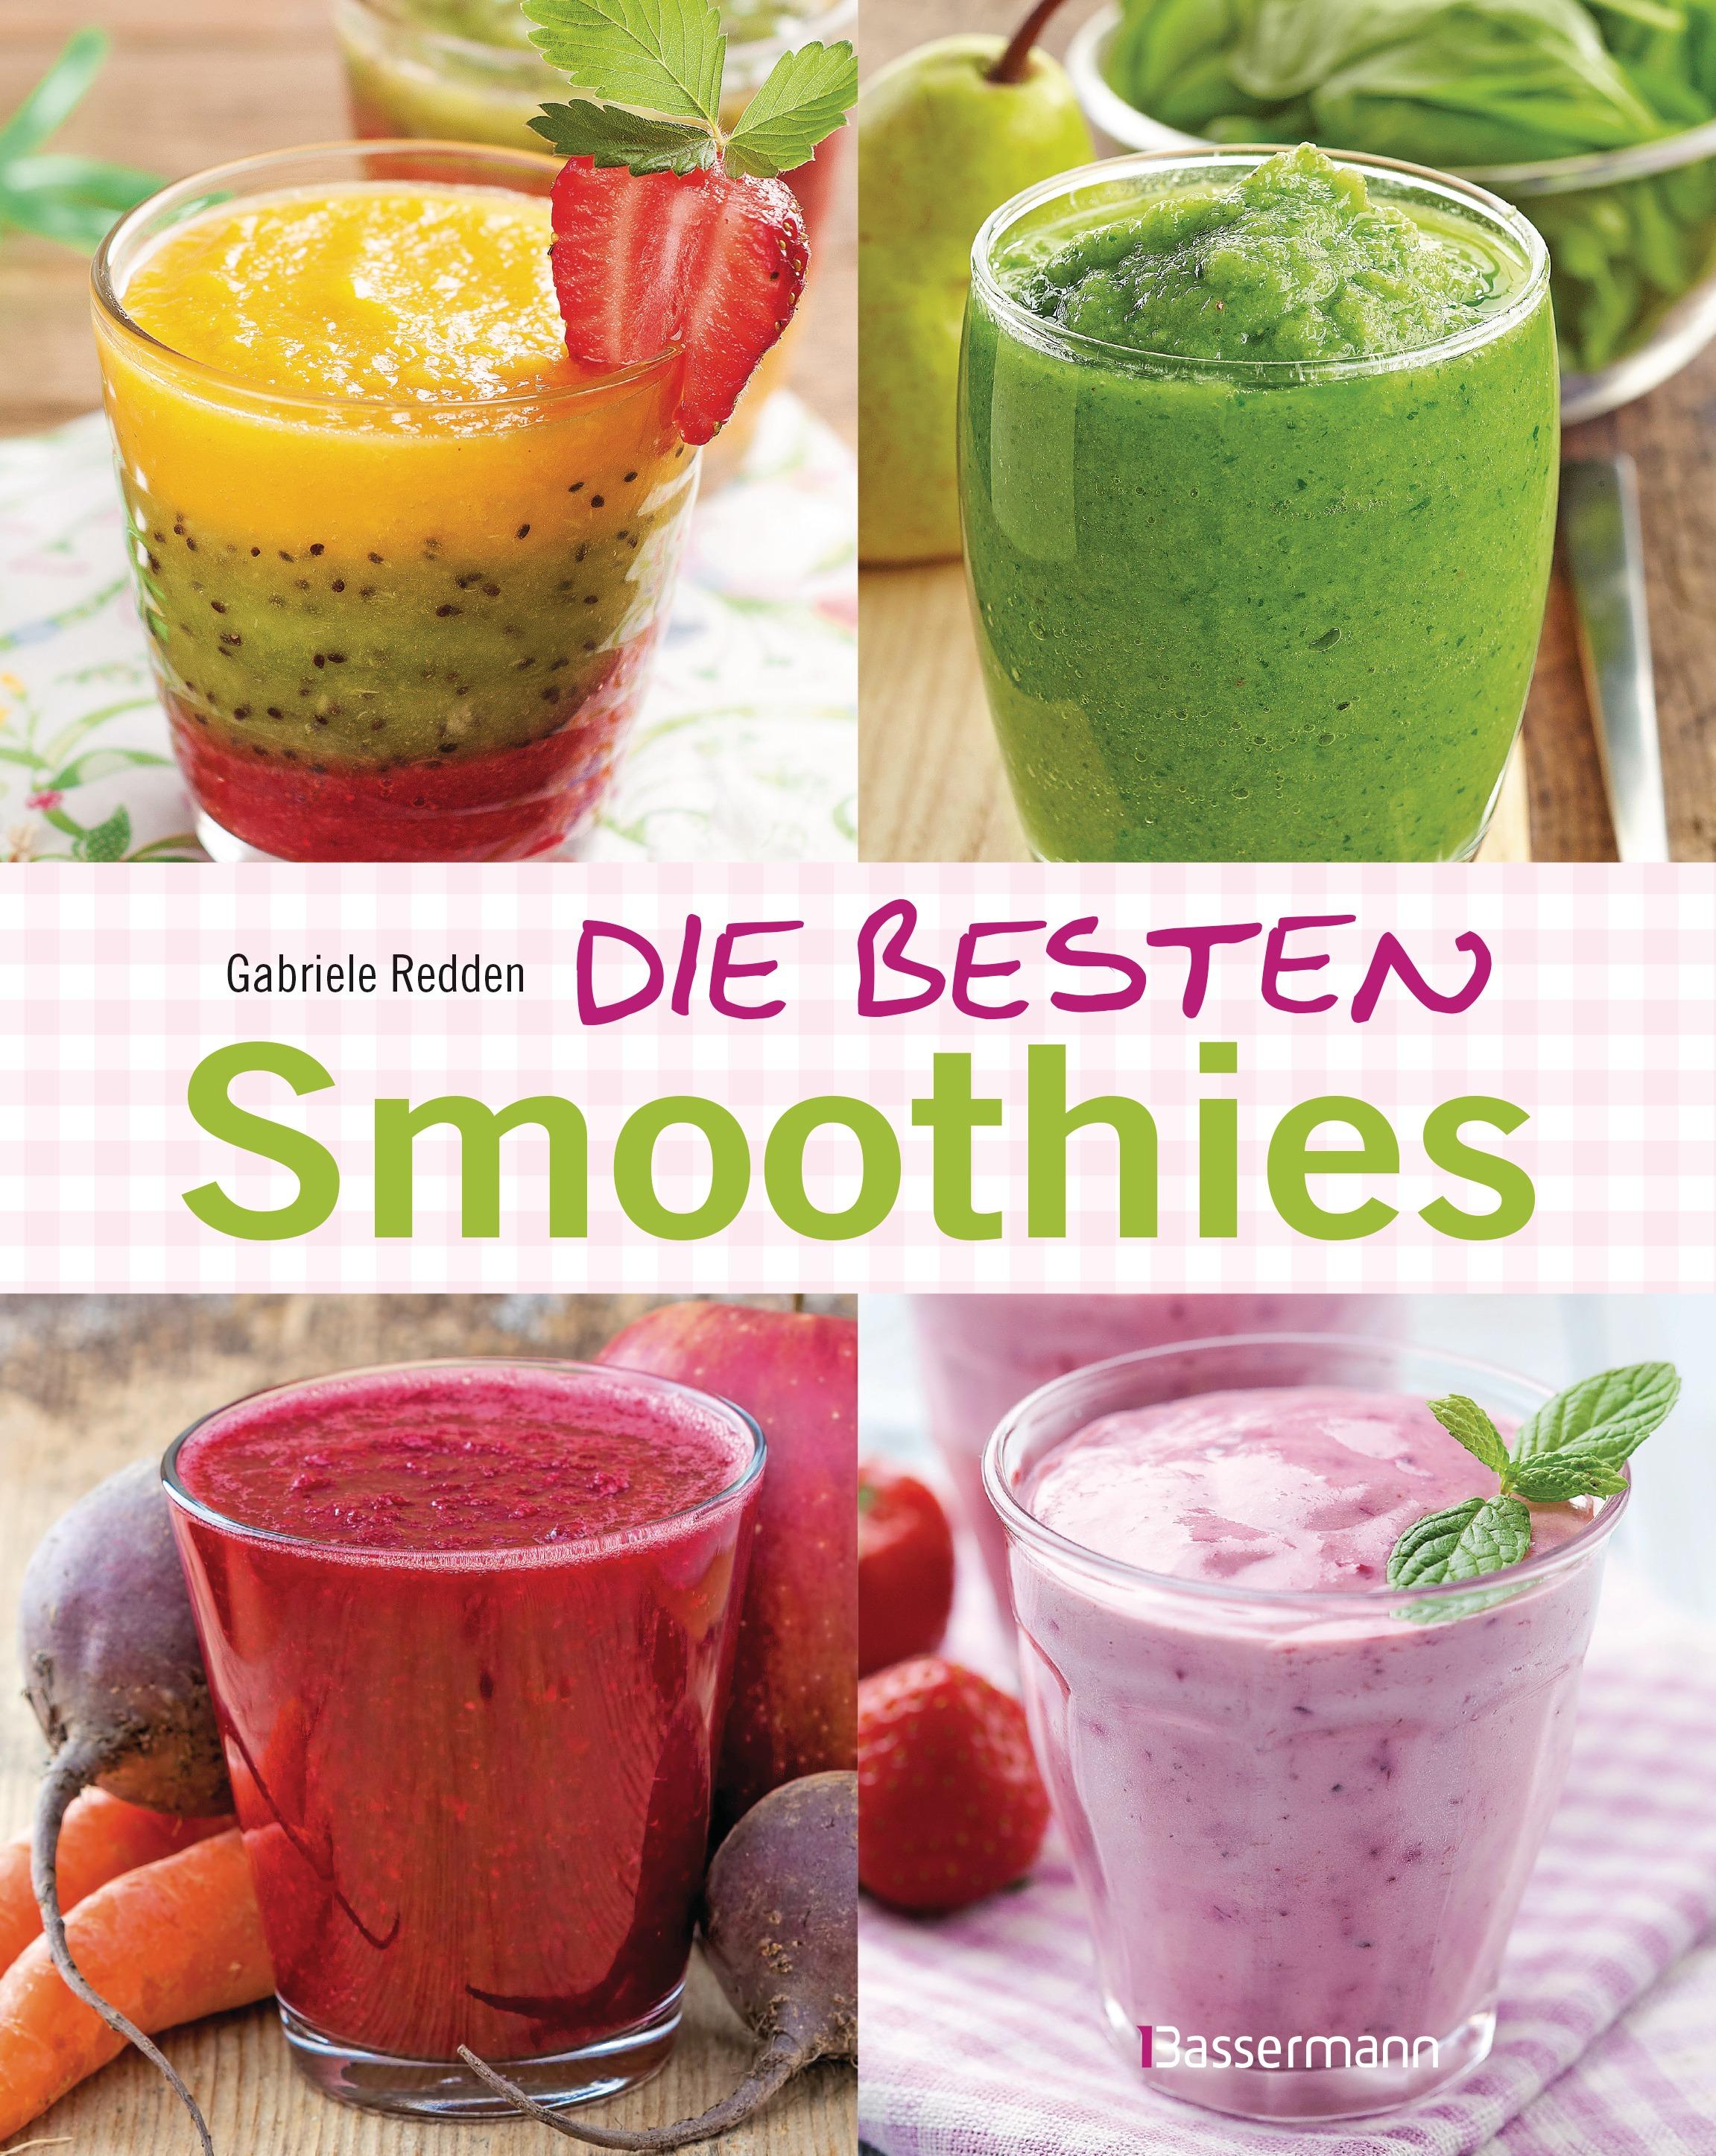 Die besten Smoothies: Powersmoothies, Grüne Smoothies, Fruchtsmoothies, Gemüsesmoothies - Gabriele Redden Rosenbaum